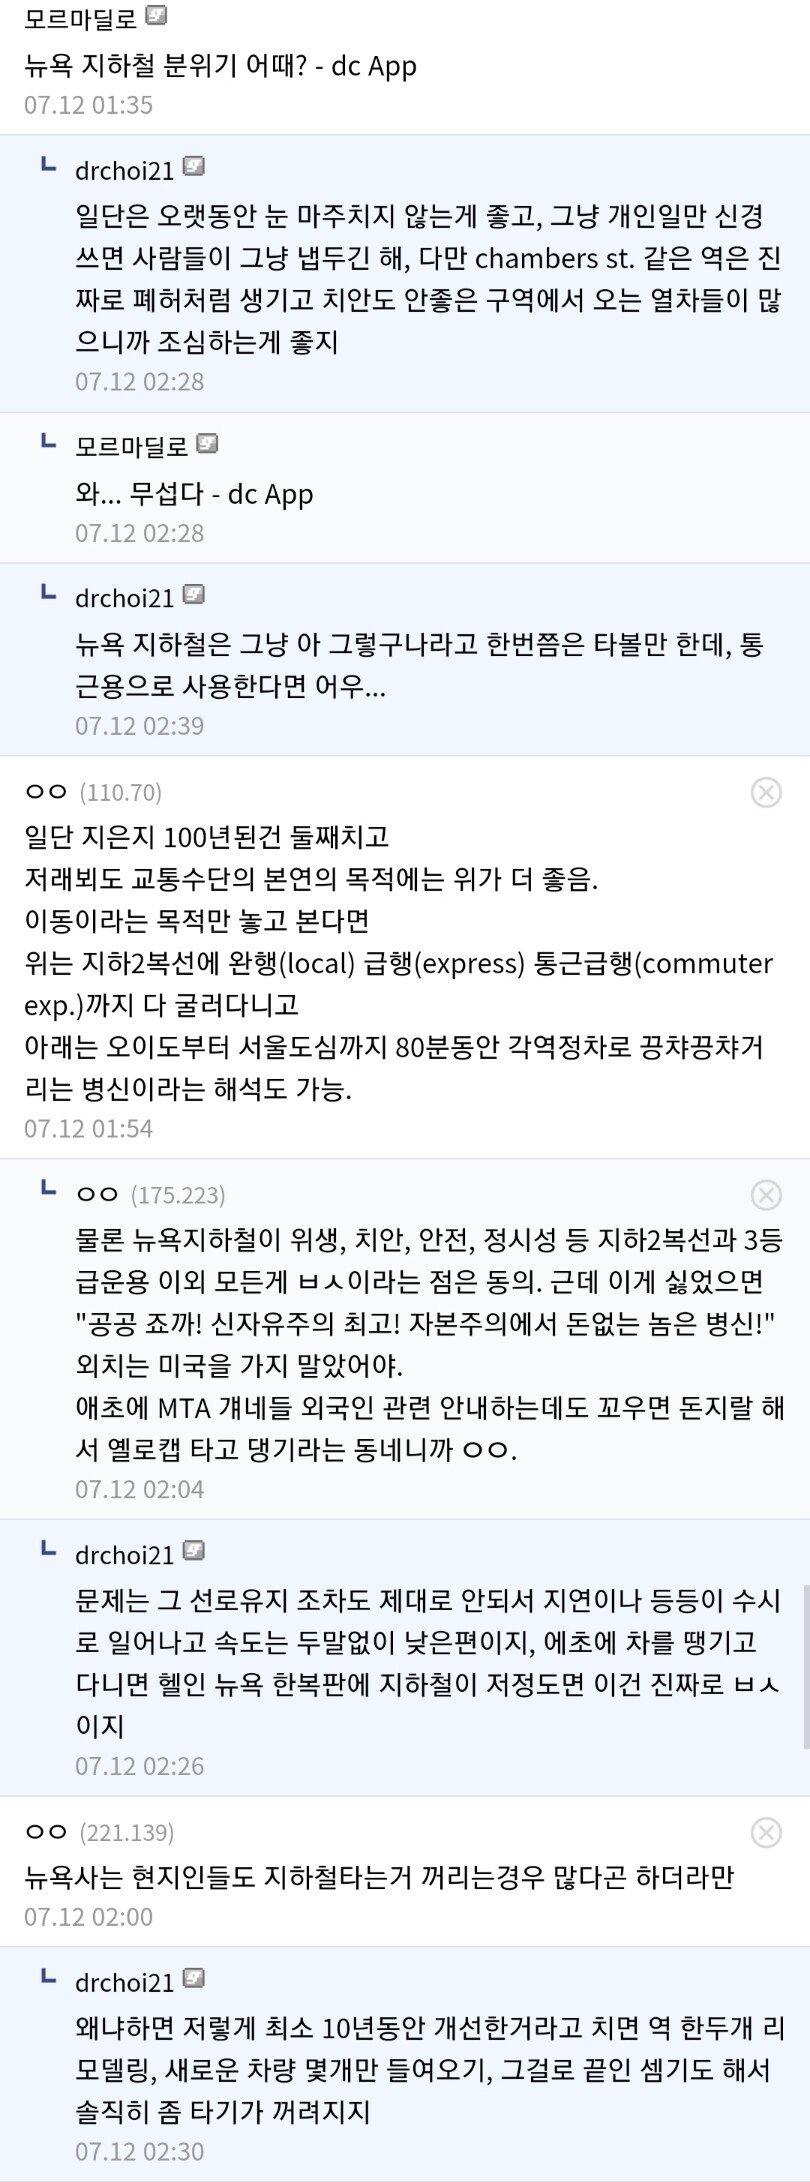 Screenshot_20210712-183456_Chrome Beta.jpg 한국 지하철이 얼마나 좋은건지 보여주는 짤: